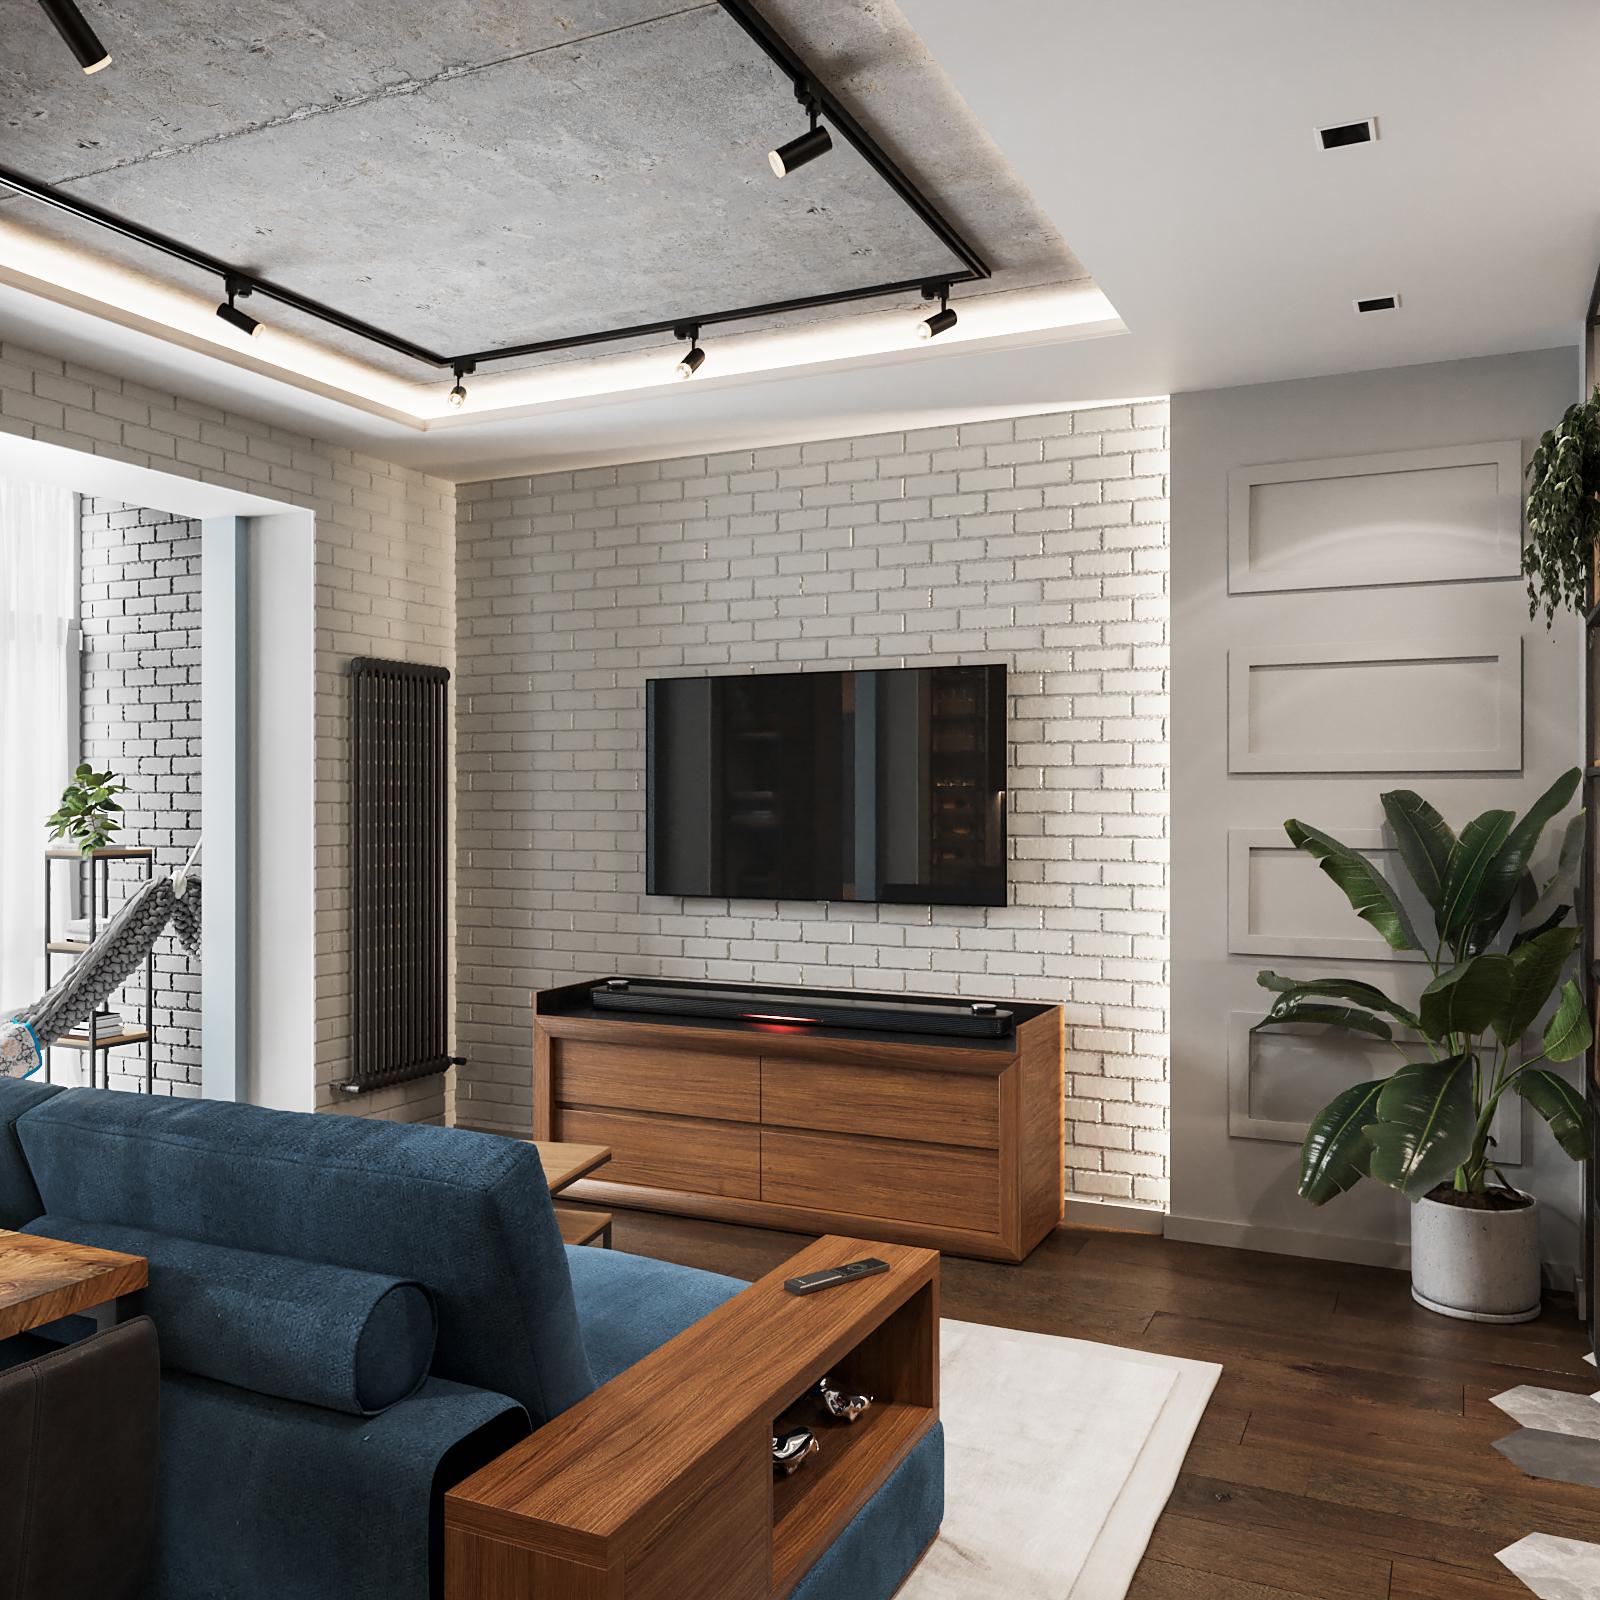 потолки в современных интерьерах что в моде